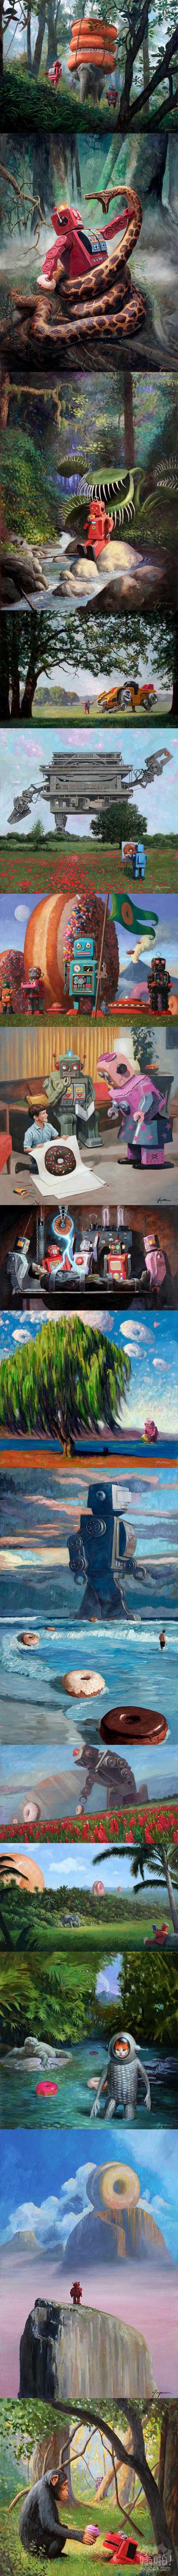 这画家画奇怪的迷人情景通常设有机器人和甜甜圈。